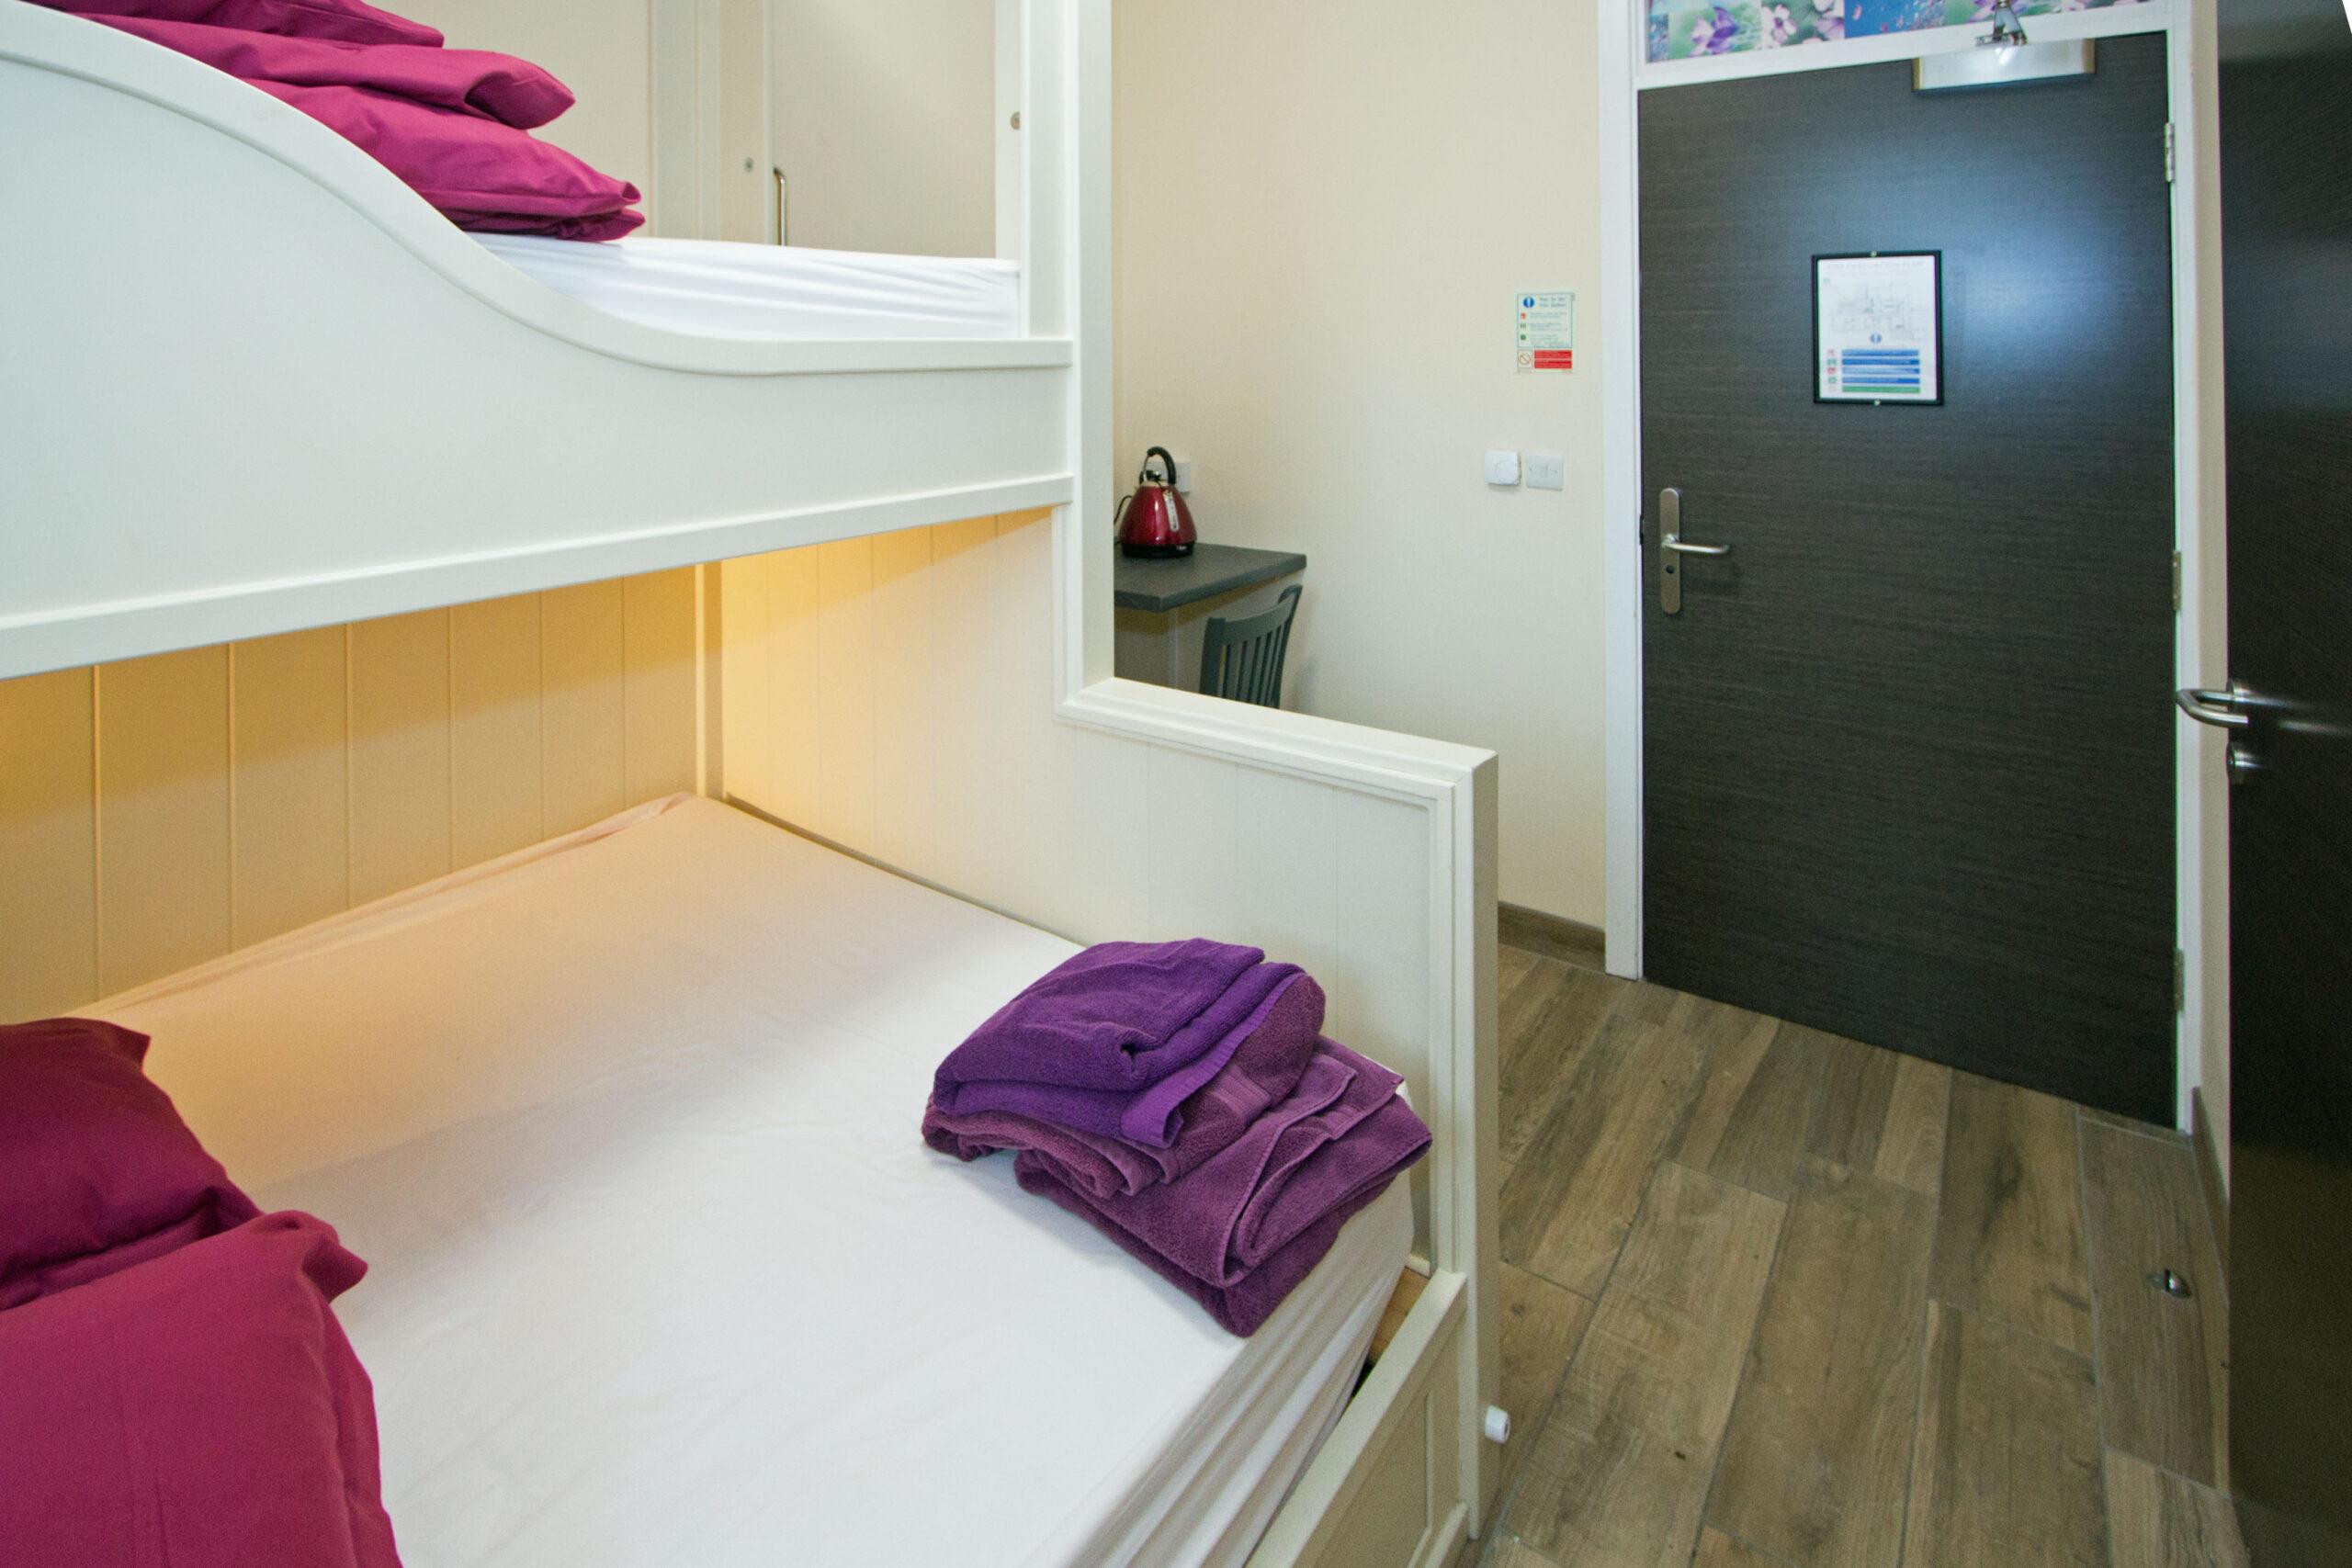 Llety Room 2